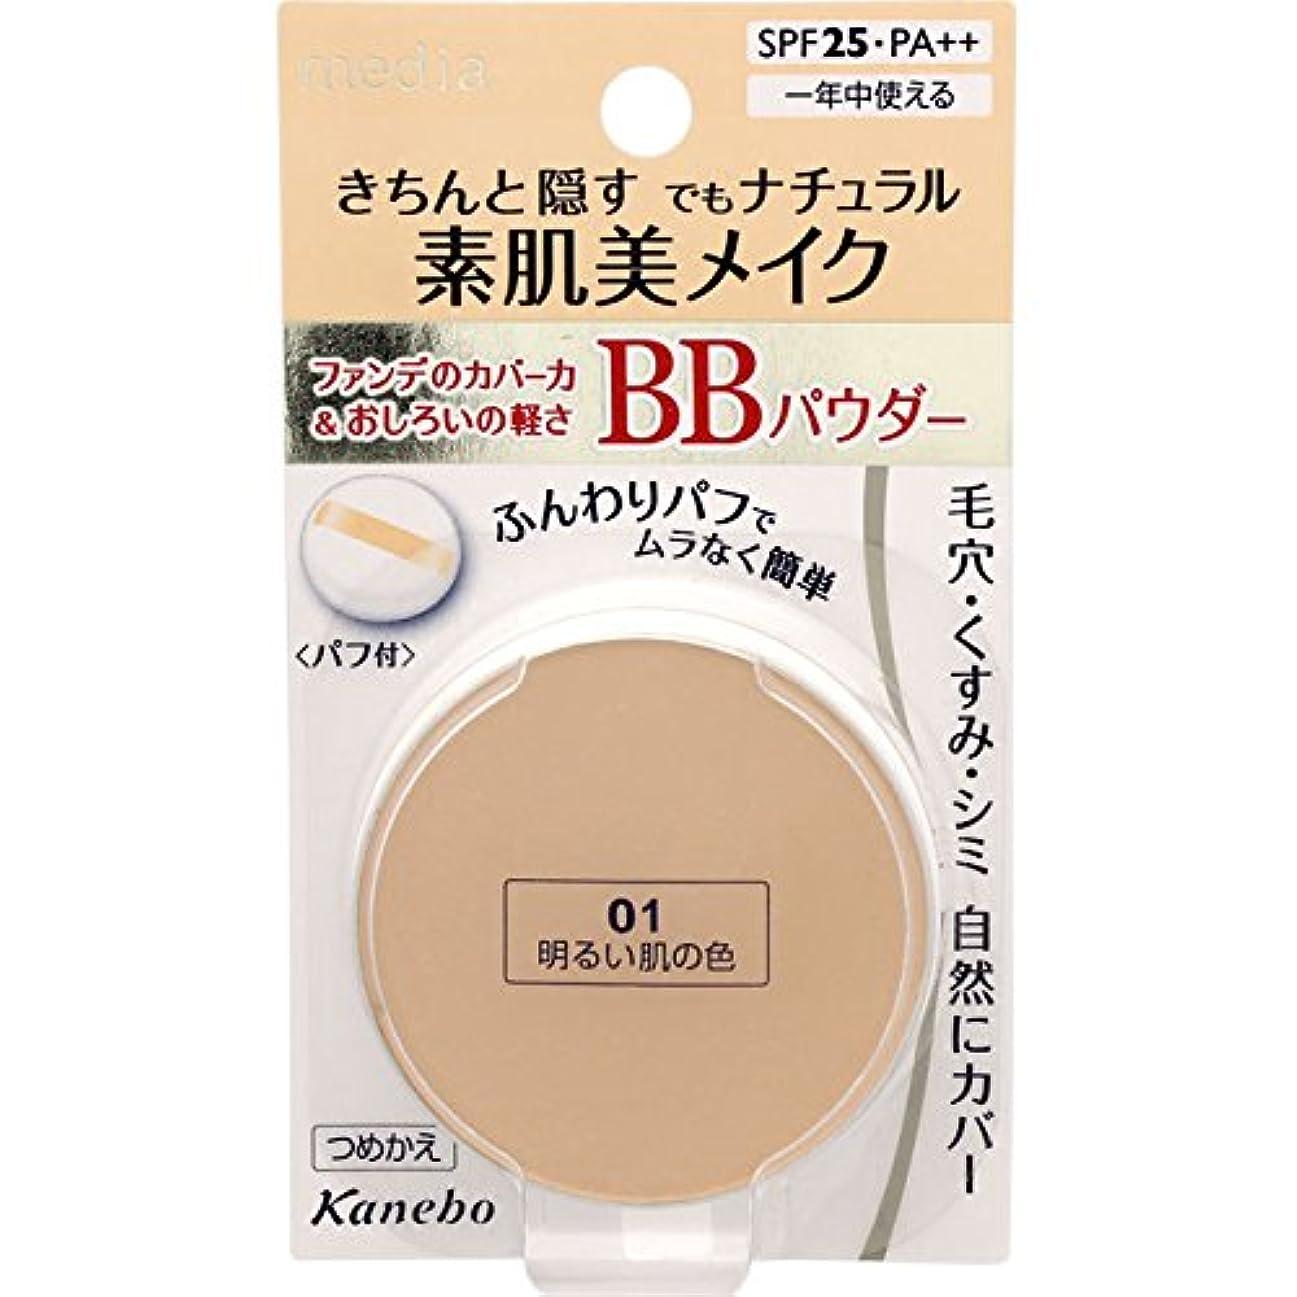 ビリーヤギ酔って側面メディアBBパウダー01(明るい肌の色)×3